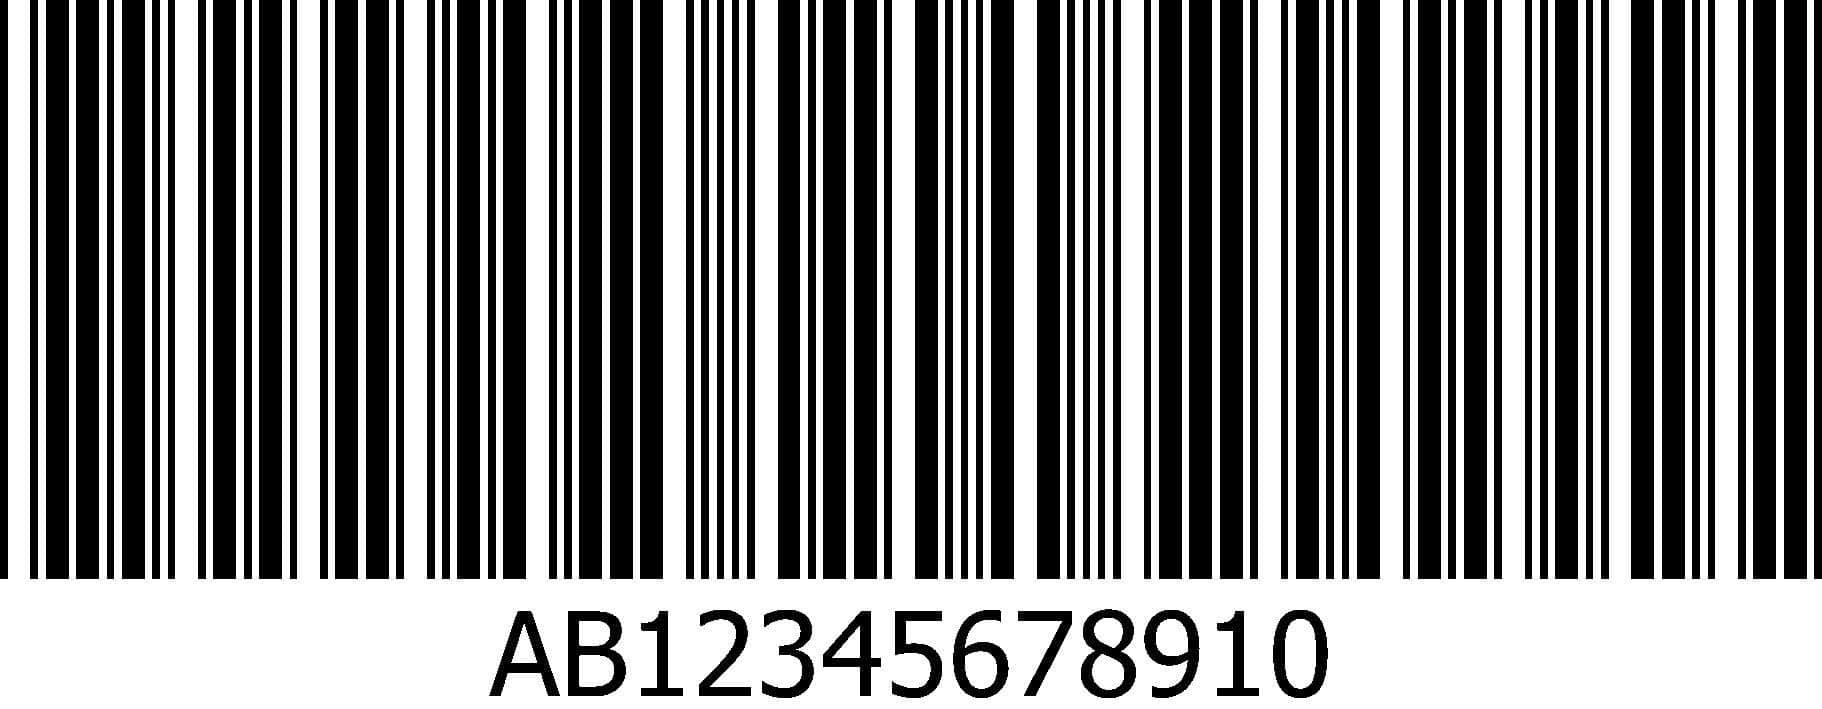 contoh gambar barcode